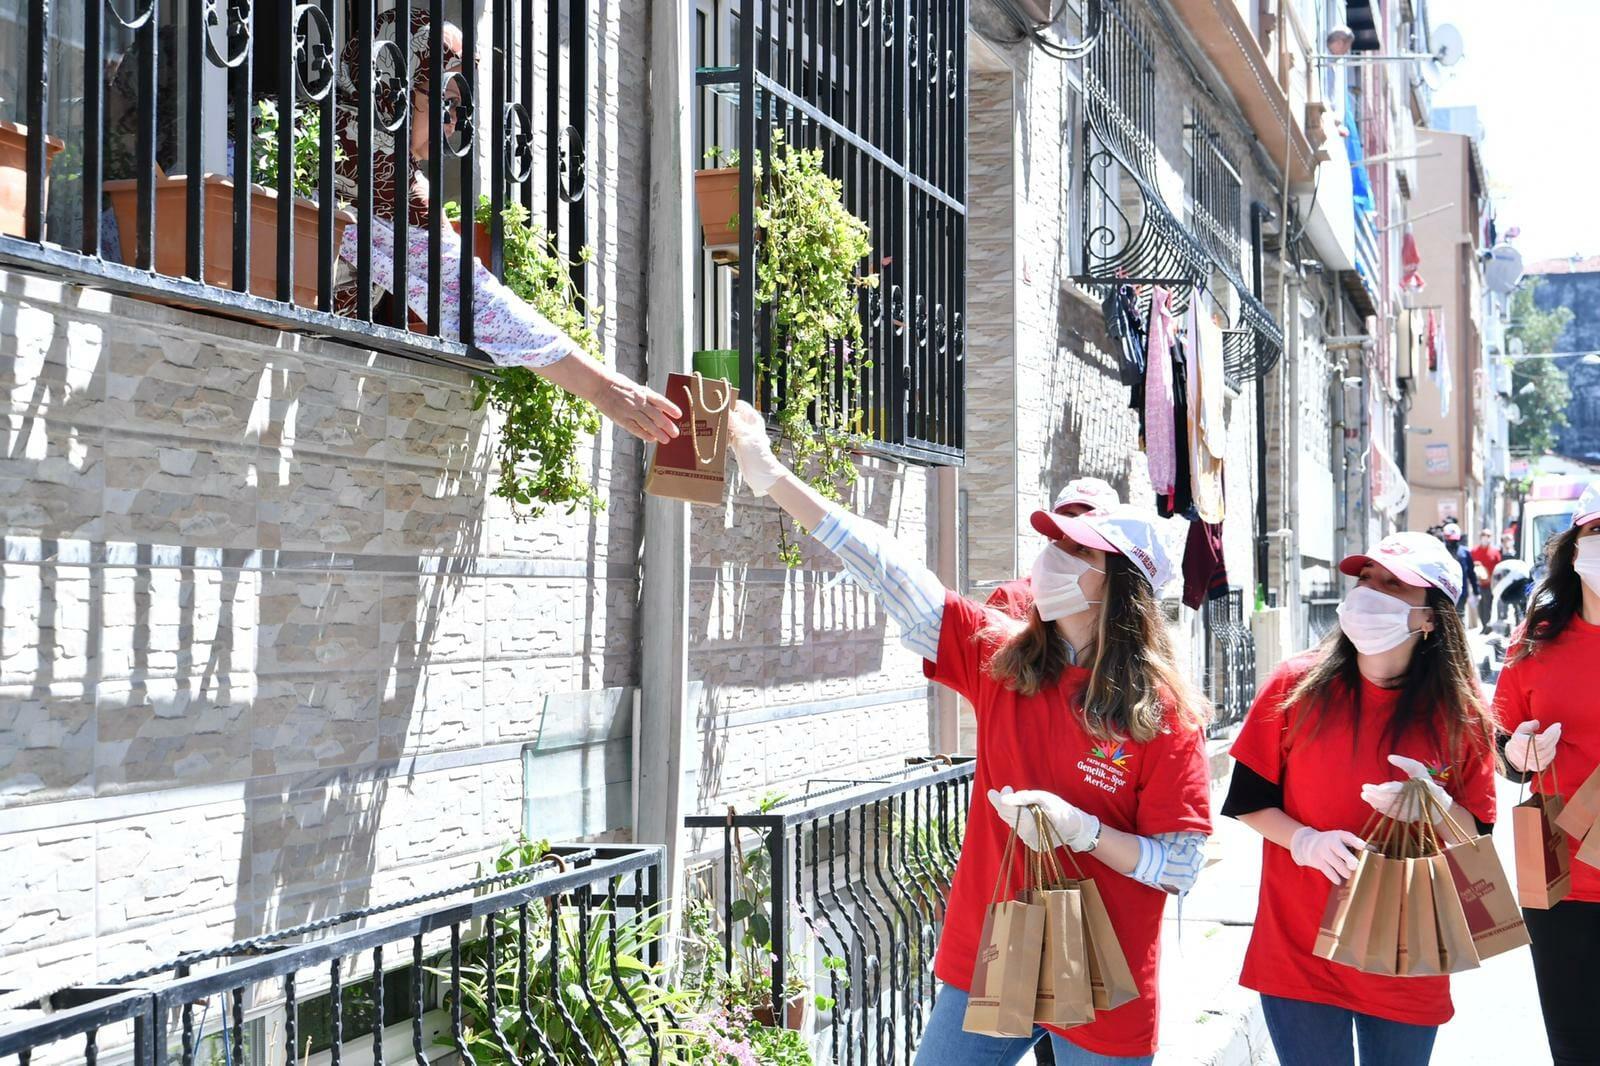 EXkdiF WAAAJ9 4 - بلدية الفاتح في إسطنبول توزع مساعدات طبية للمواطنين في منازلهم